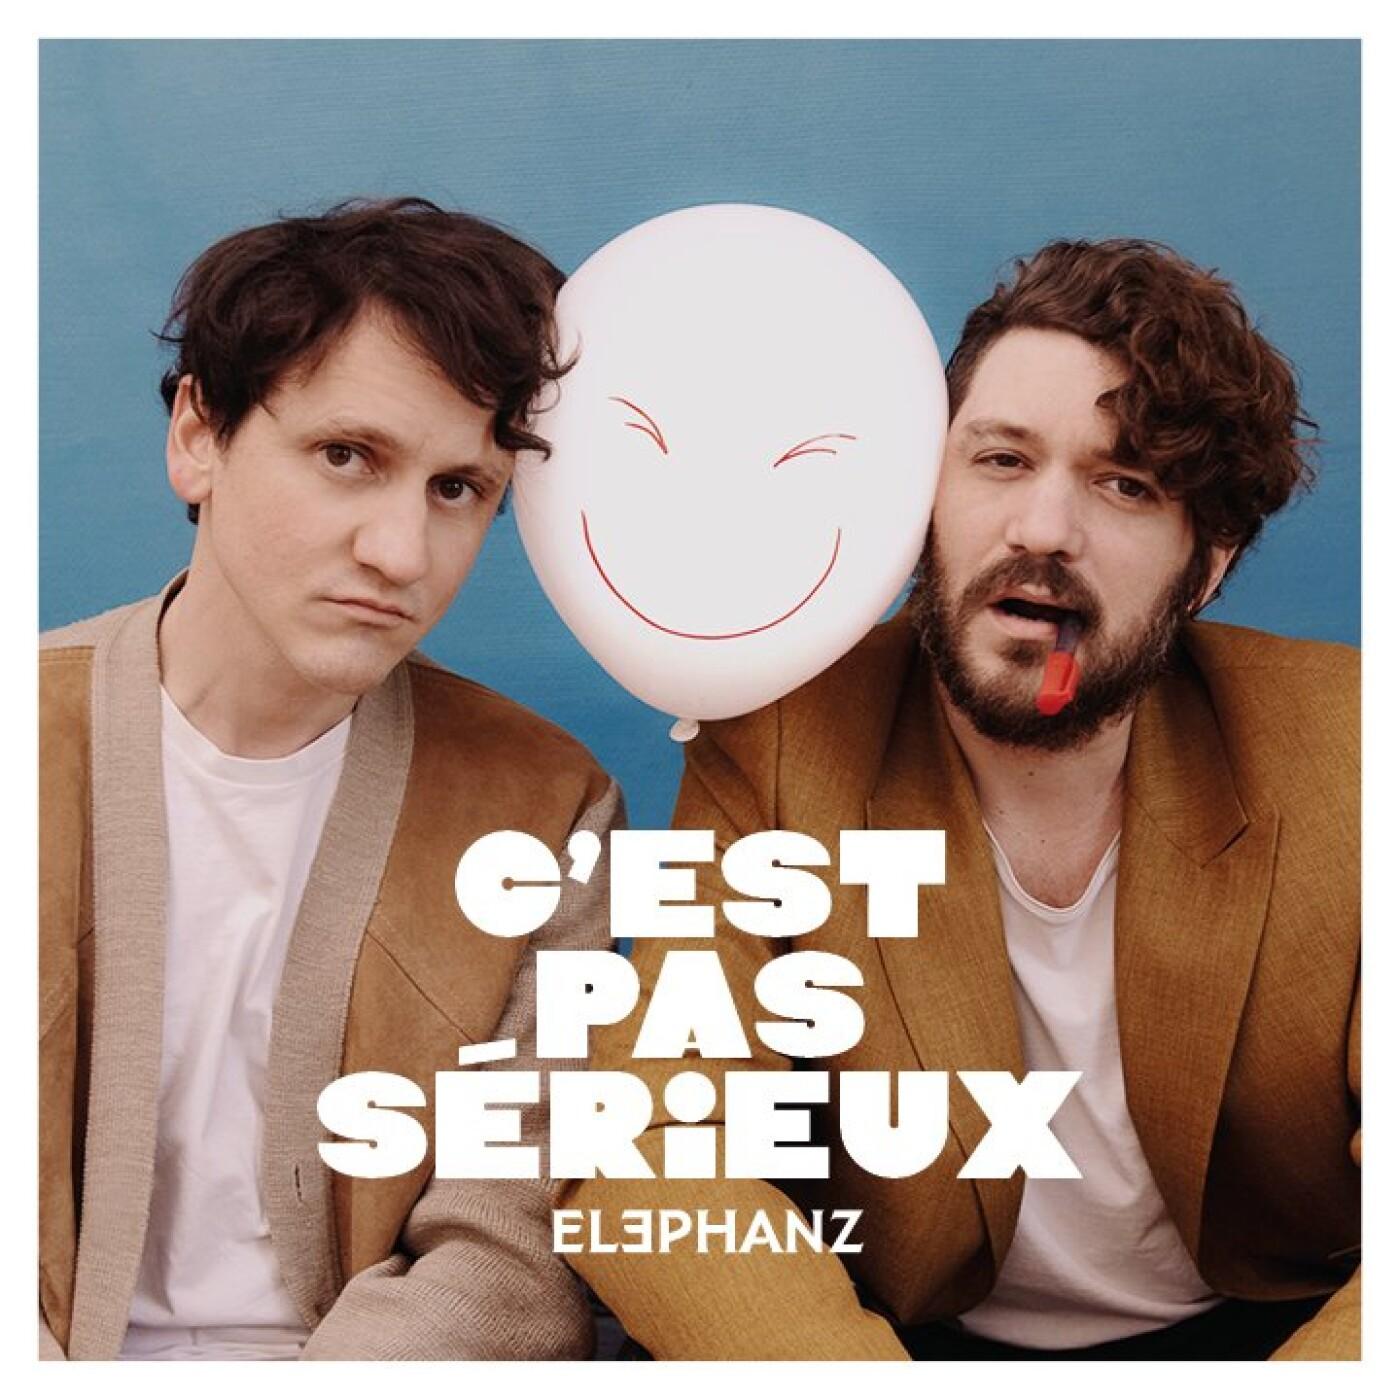 Artiste du jour, Elephanz présente son nouveau titre C'est pas sérieux - 19 03 2021 - StereoChic Radio